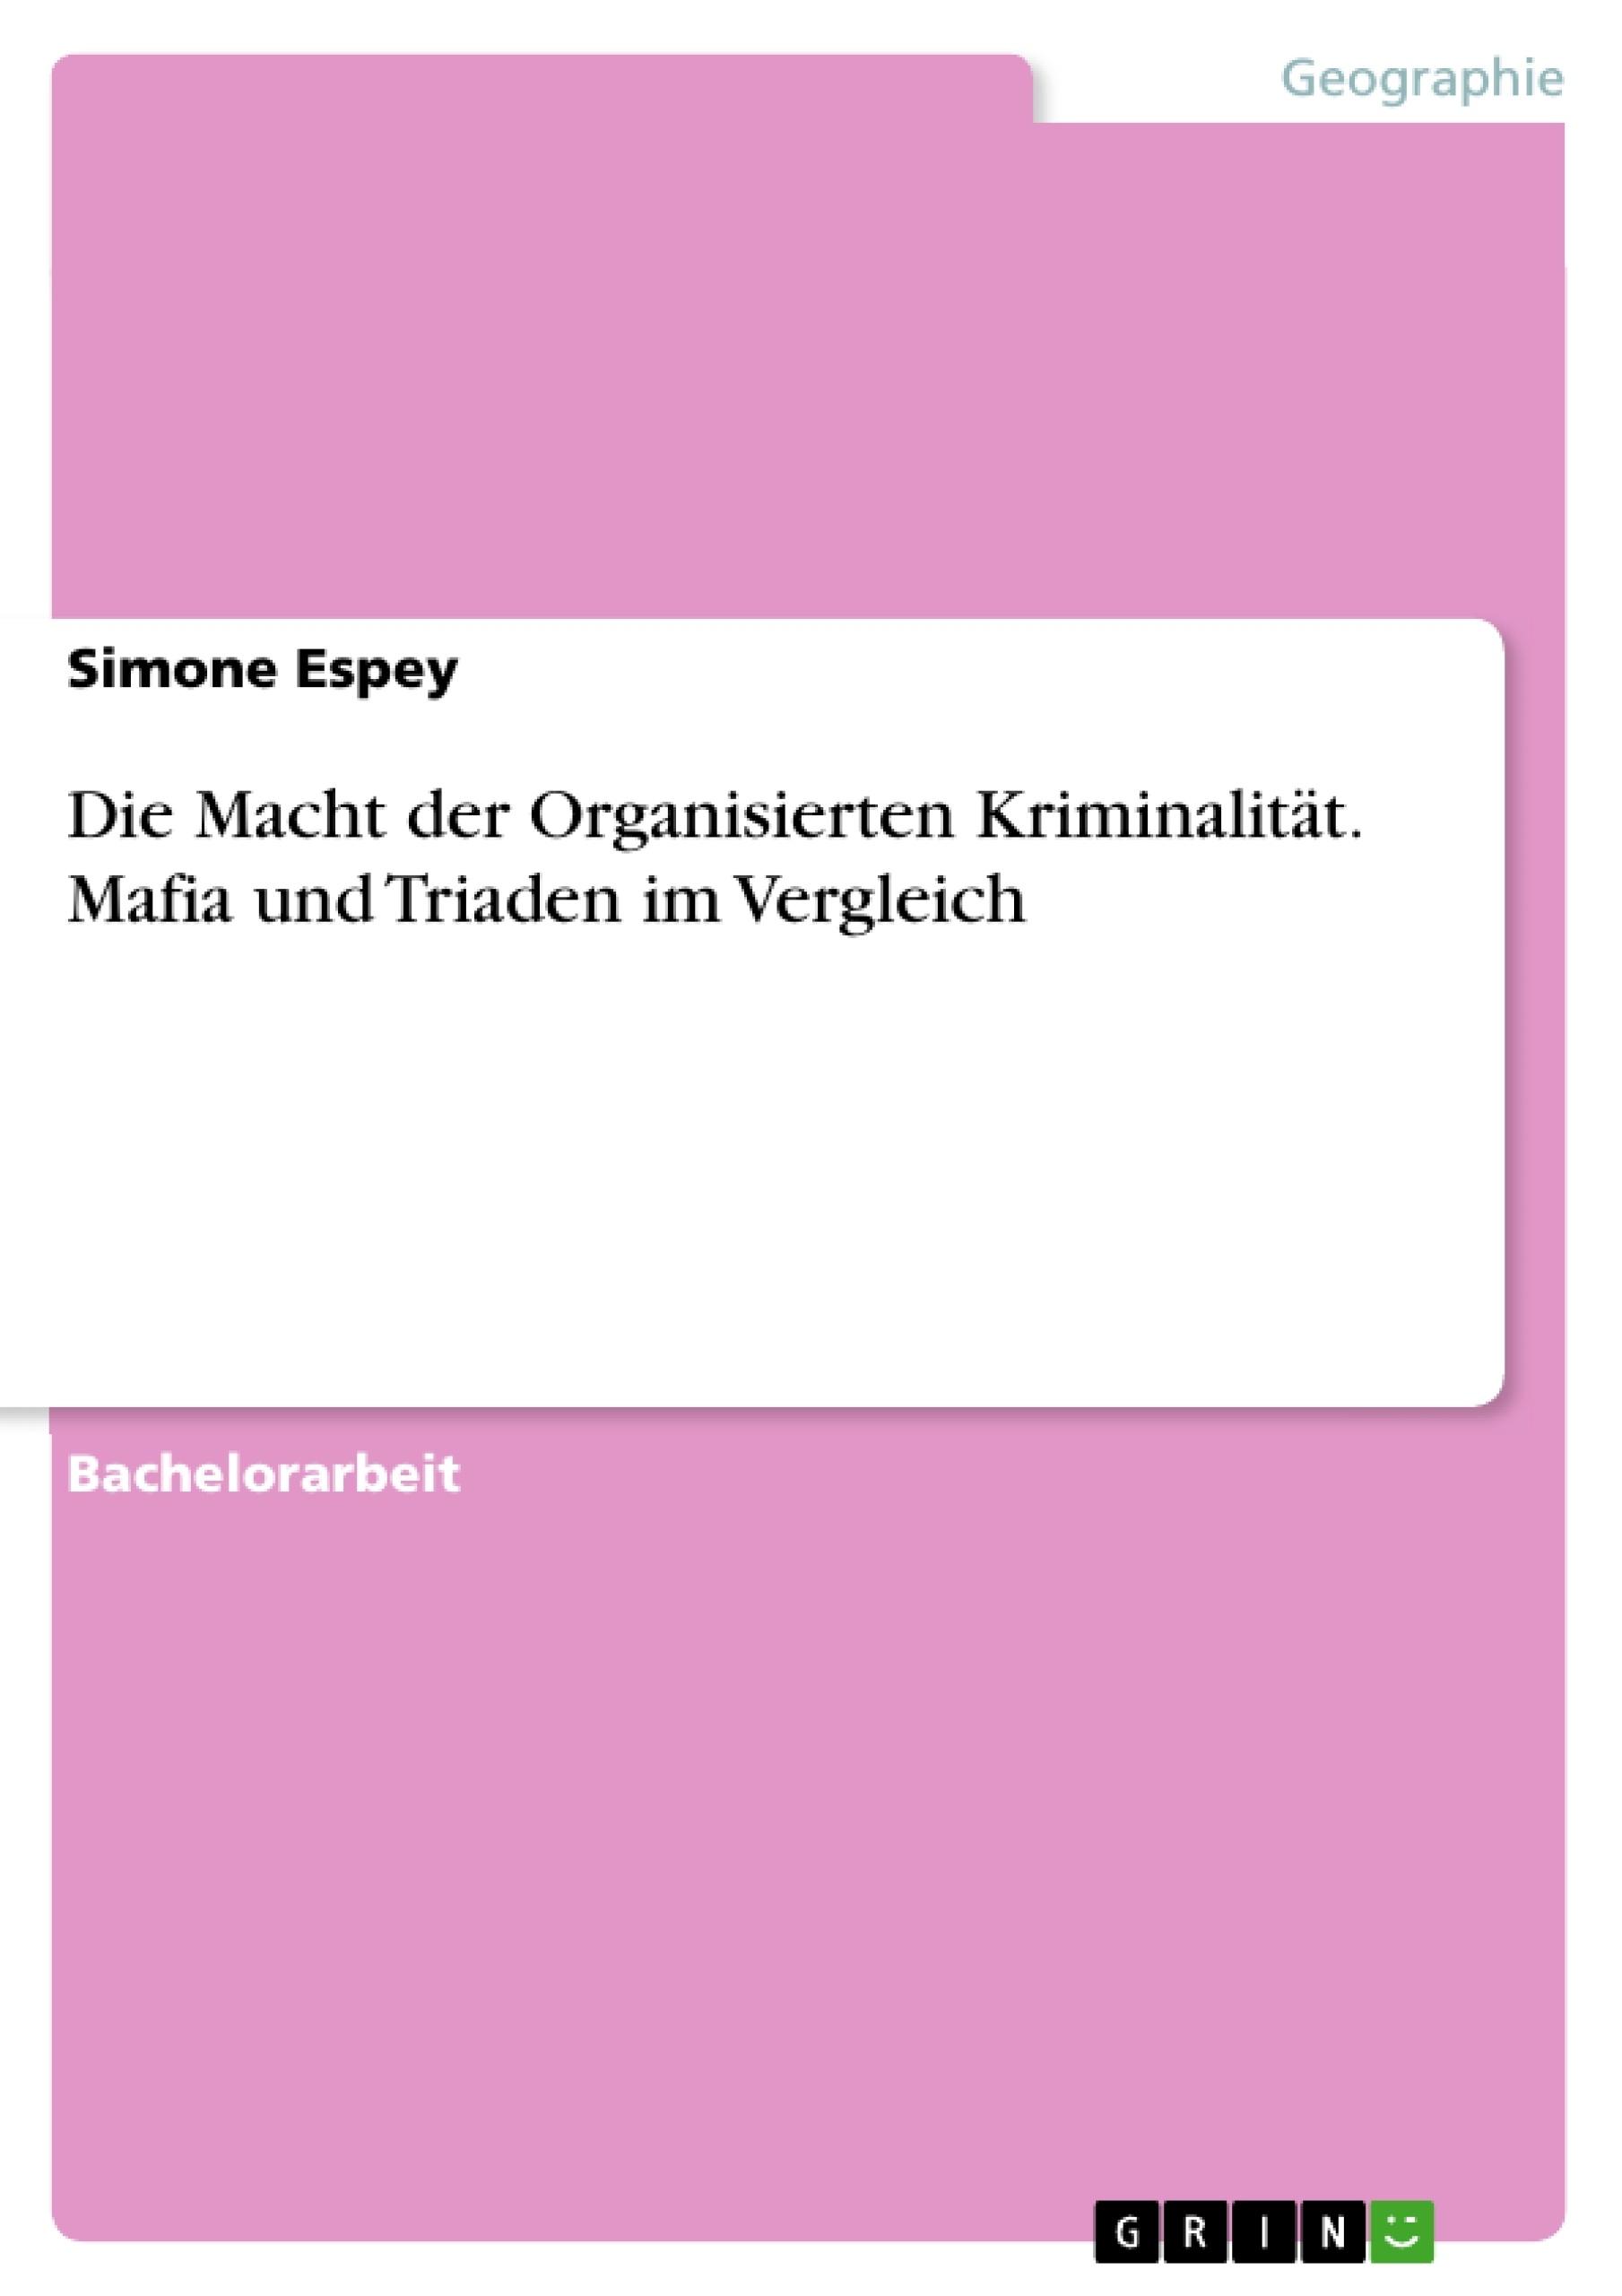 Titel: Die Macht der Organisierten Kriminalität. Mafia und Triaden im Vergleich